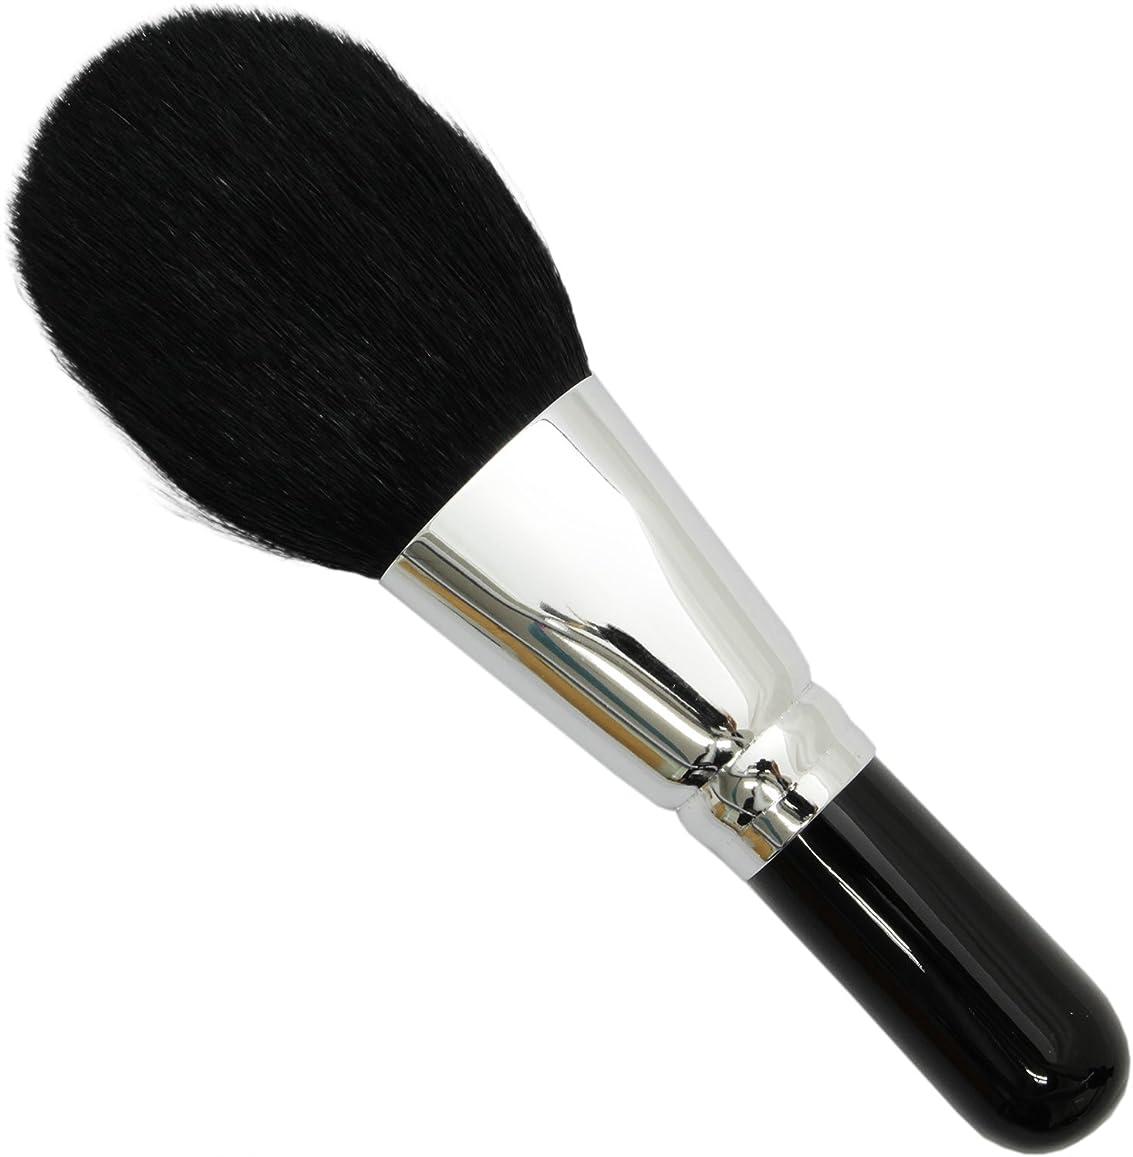 策定するビートばかげている熊野筆 メイクブラシ SRシリーズ フェイスブラシ 山羊毛